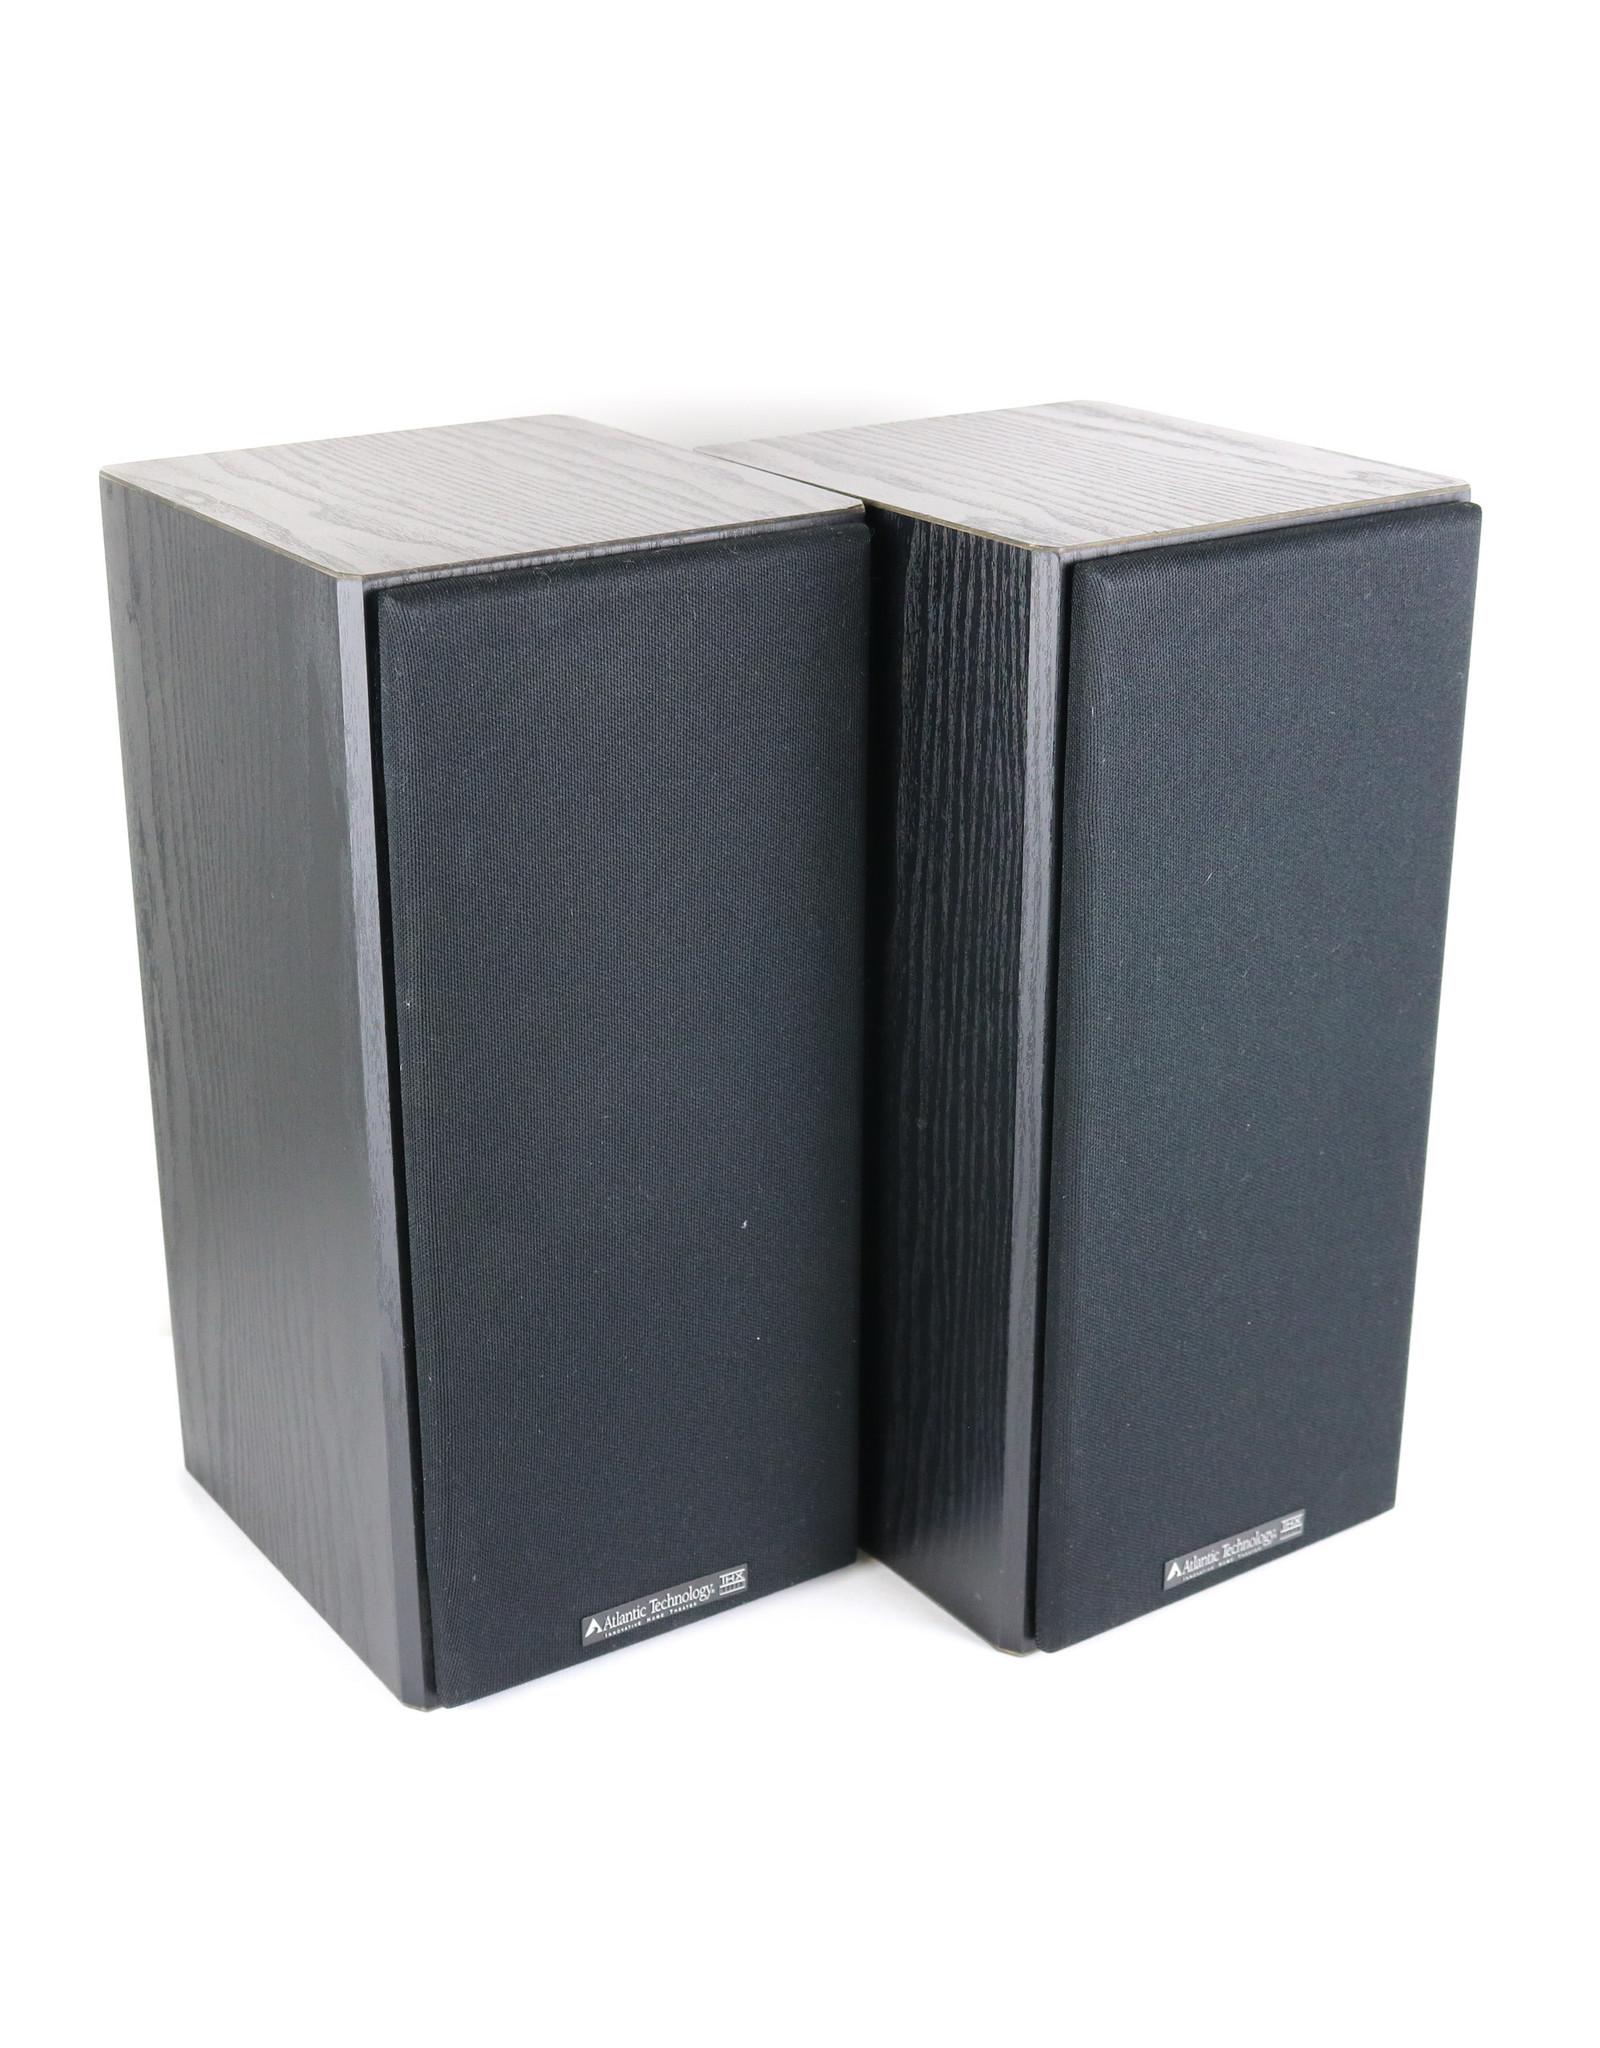 Atlantic Technology Atlantic Technology 271 LR Bookshelf Speakers USED